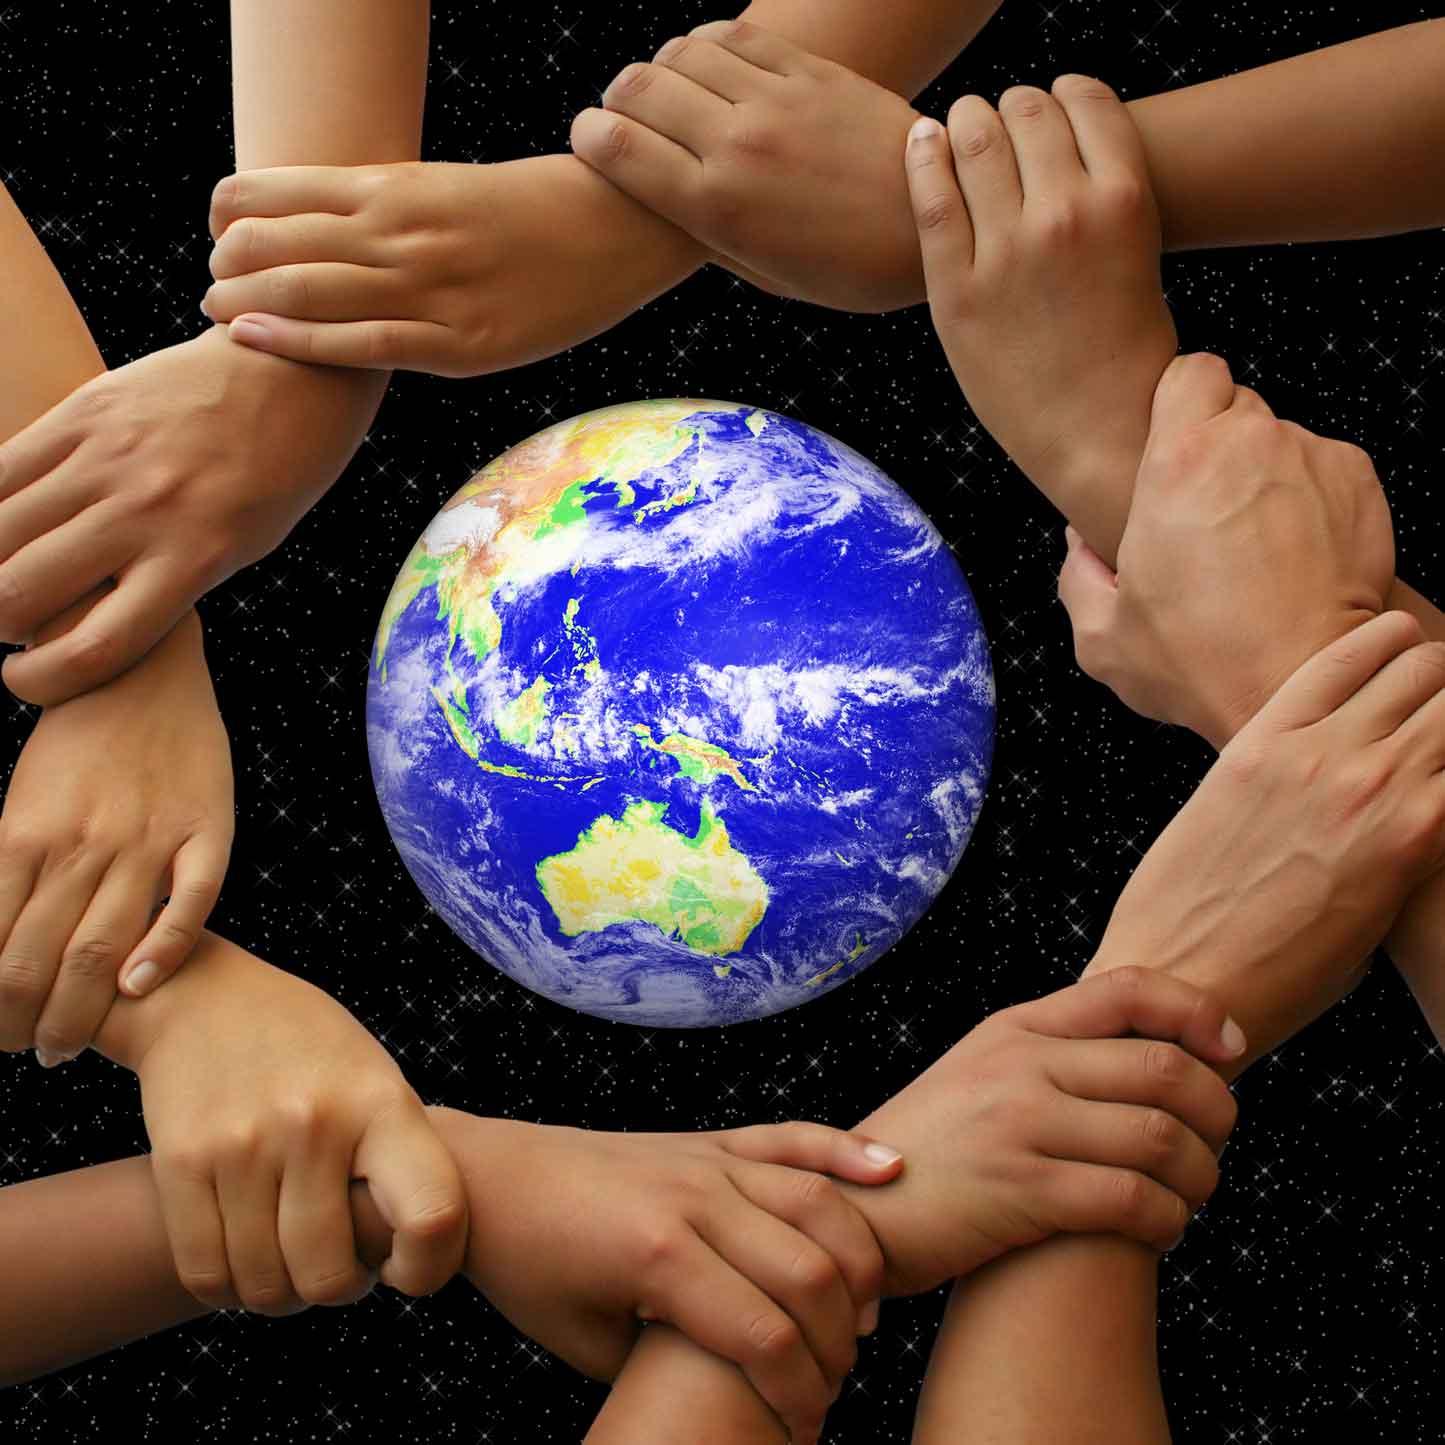 должна быть мы живем на одной планете фото вконтакте замечательная интернет-основа